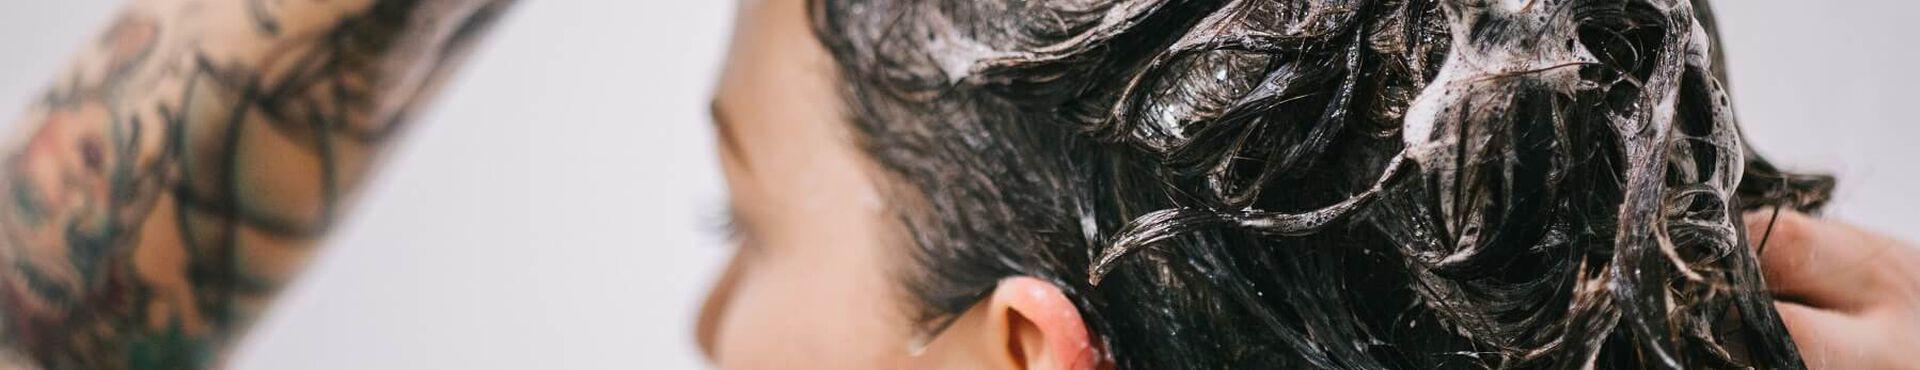 Banner - À quelle fréquence doit-on laver ses cheveux?